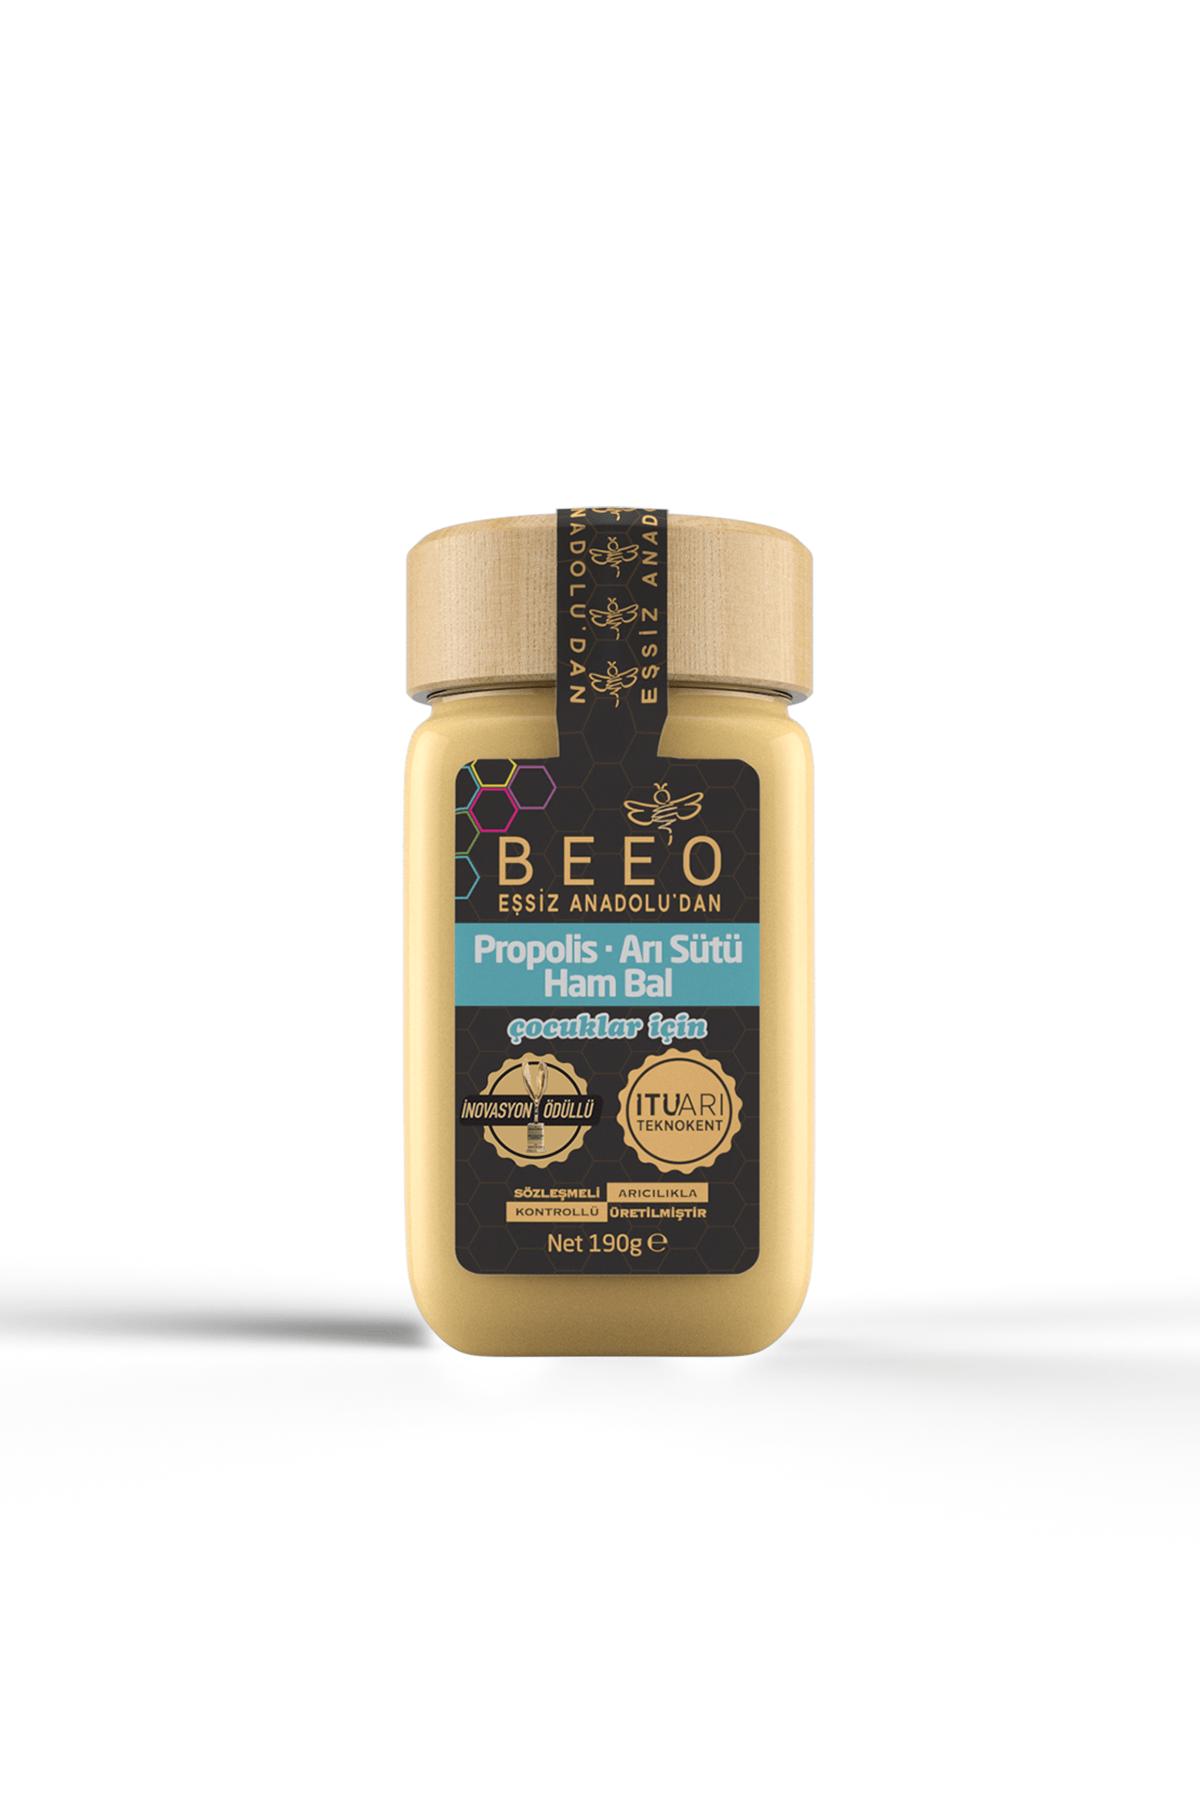 BEE'O Çocuklar için Propolis+arı Sütü+ Bal Karışımı 190 gr